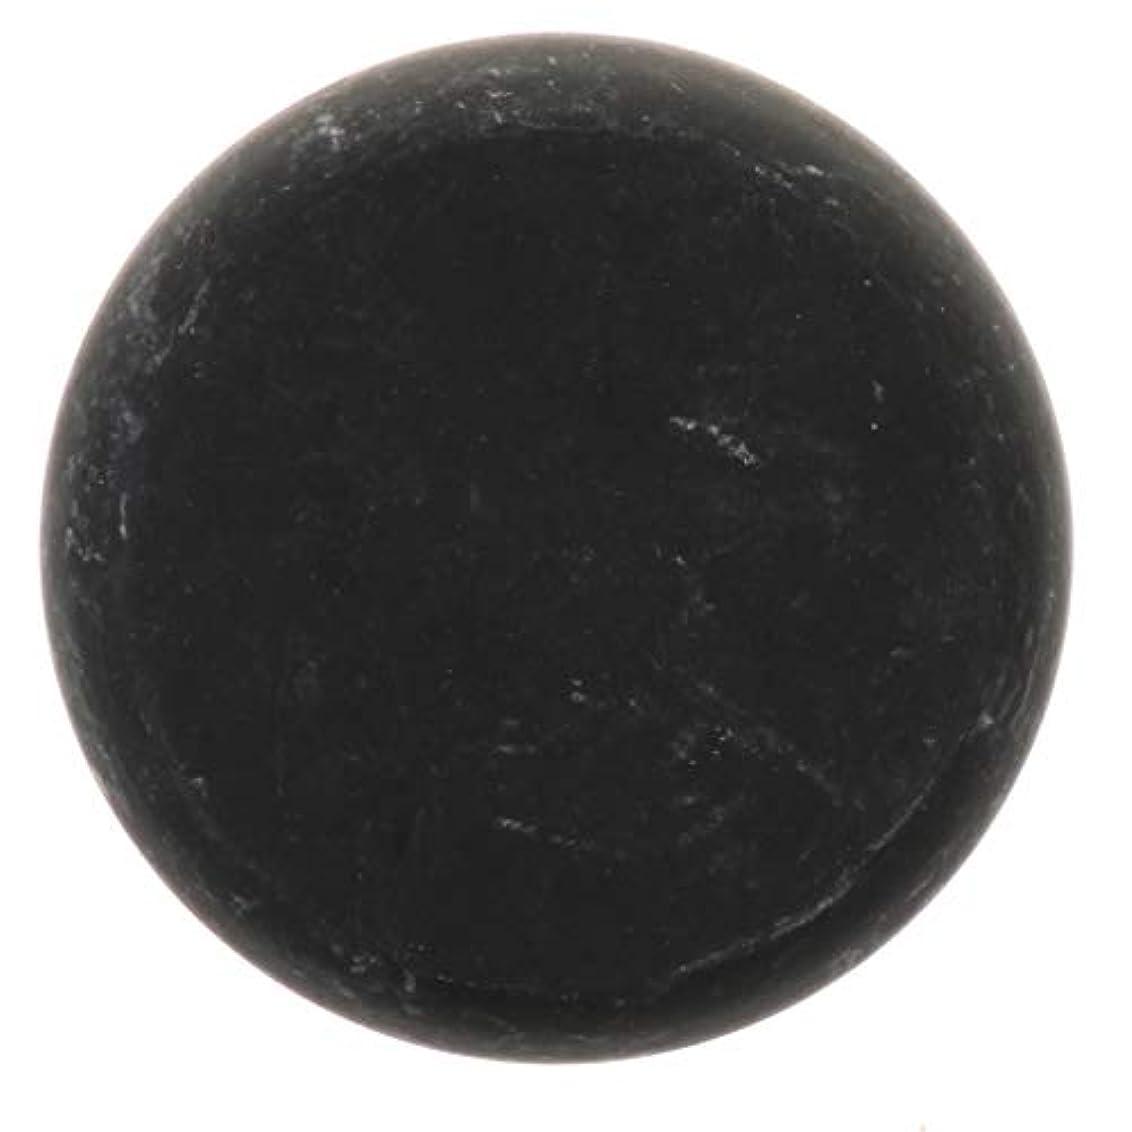 インシデント労苦混合FLAMEER 天然石ホットストーン マッサージ用玄武岩 マッサージストーン ボディマッサージ 実用的 全2サイズ - ブラック, 01